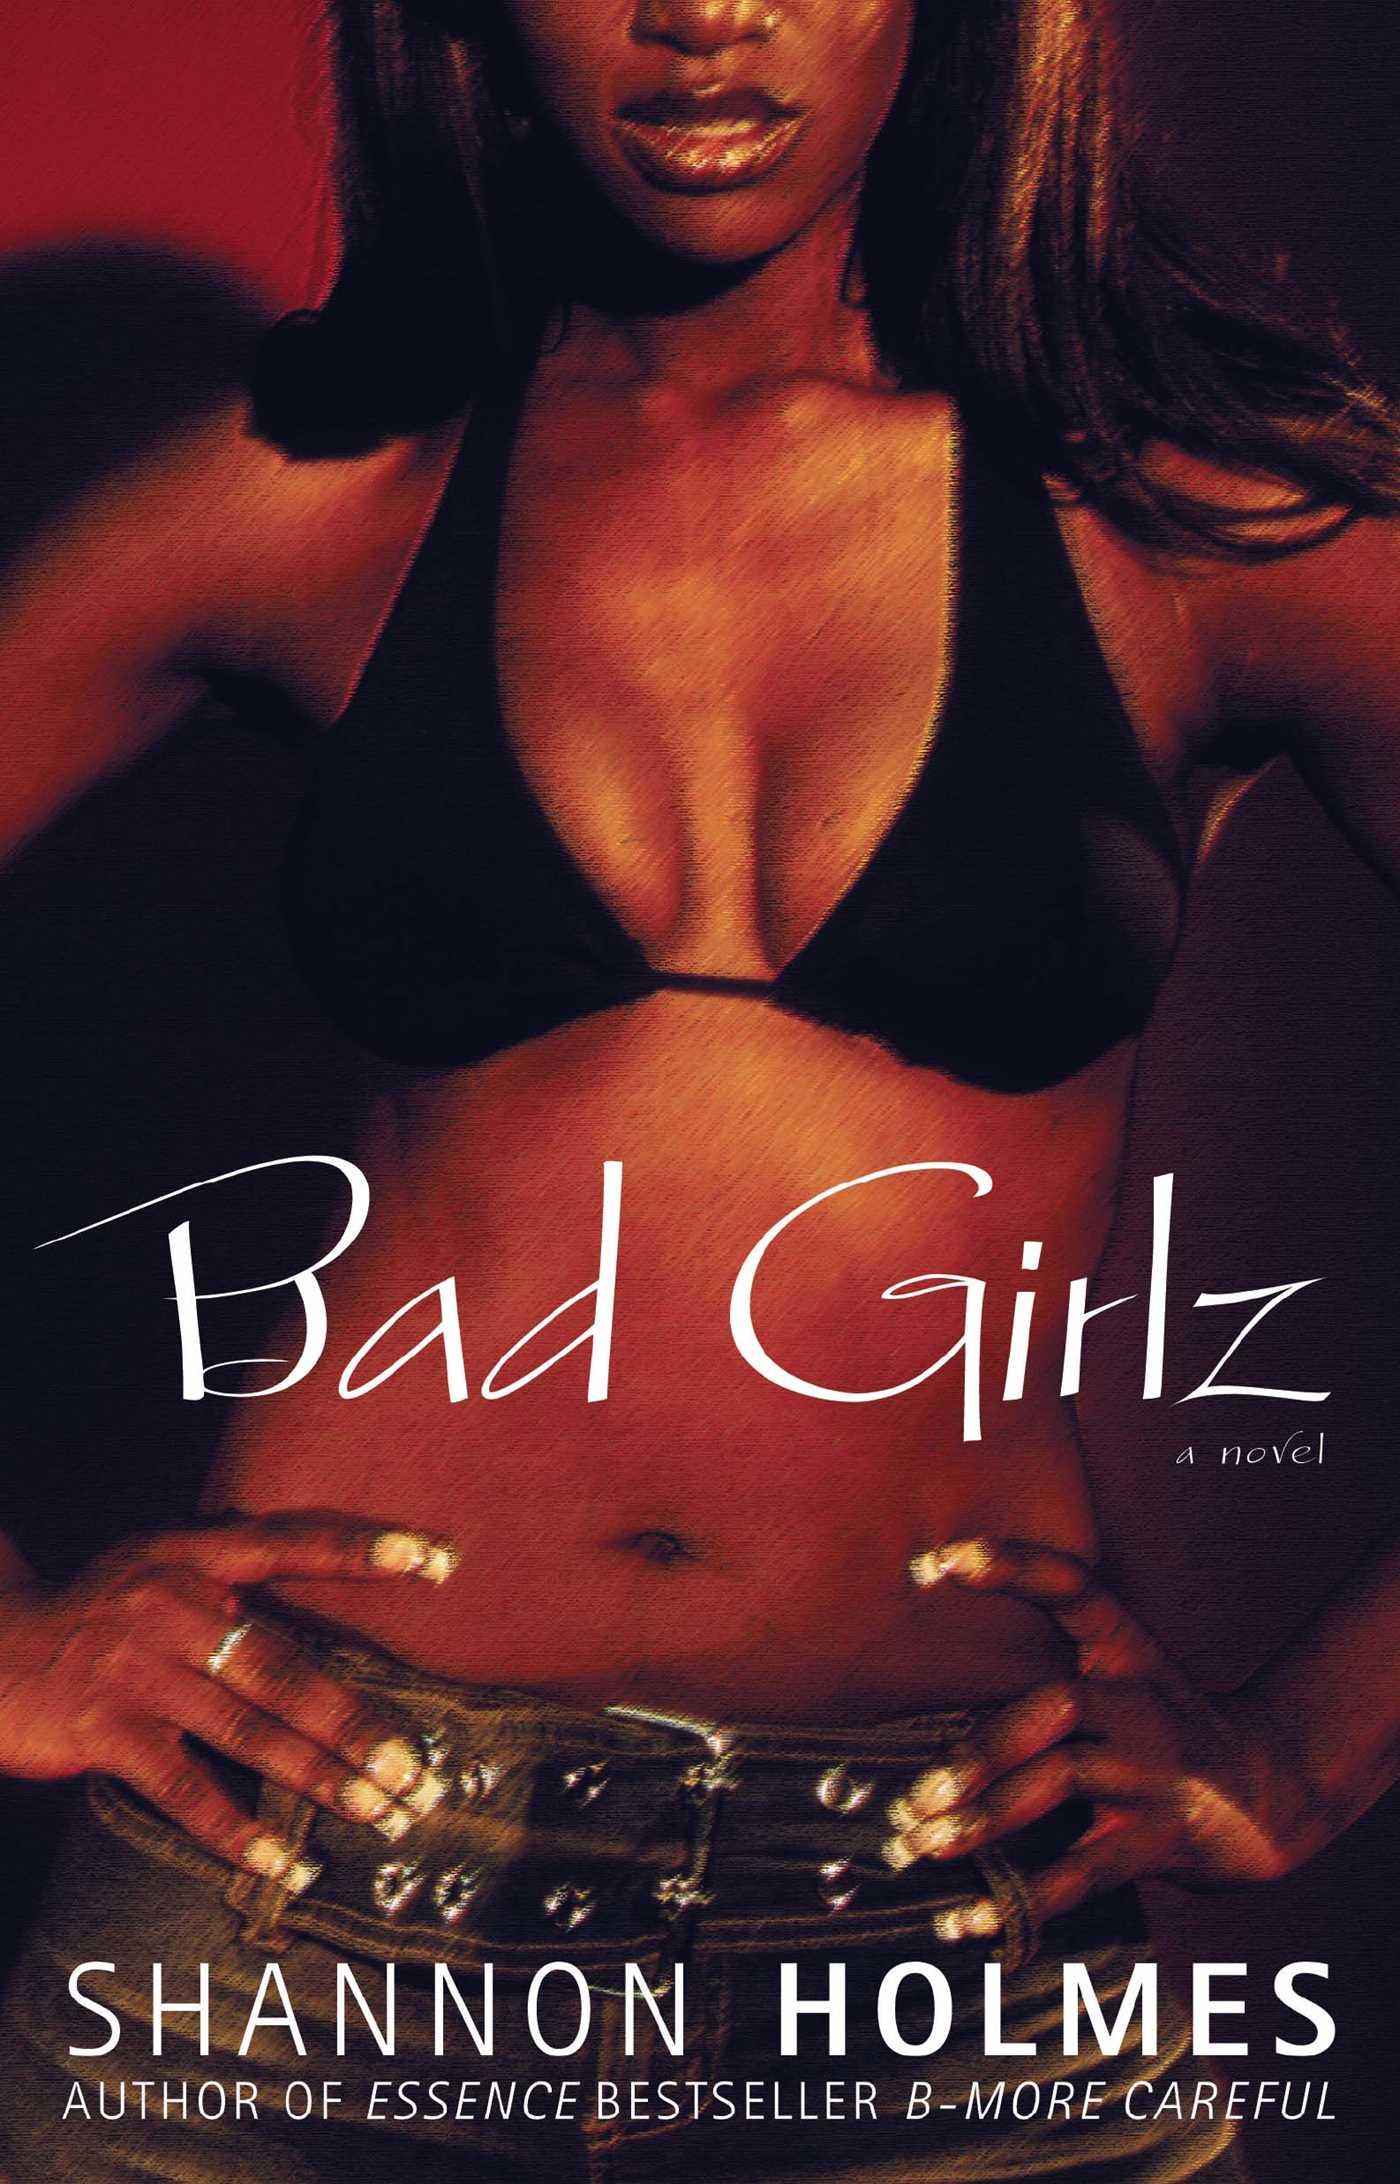 Bad girlz 9780743486200 hr